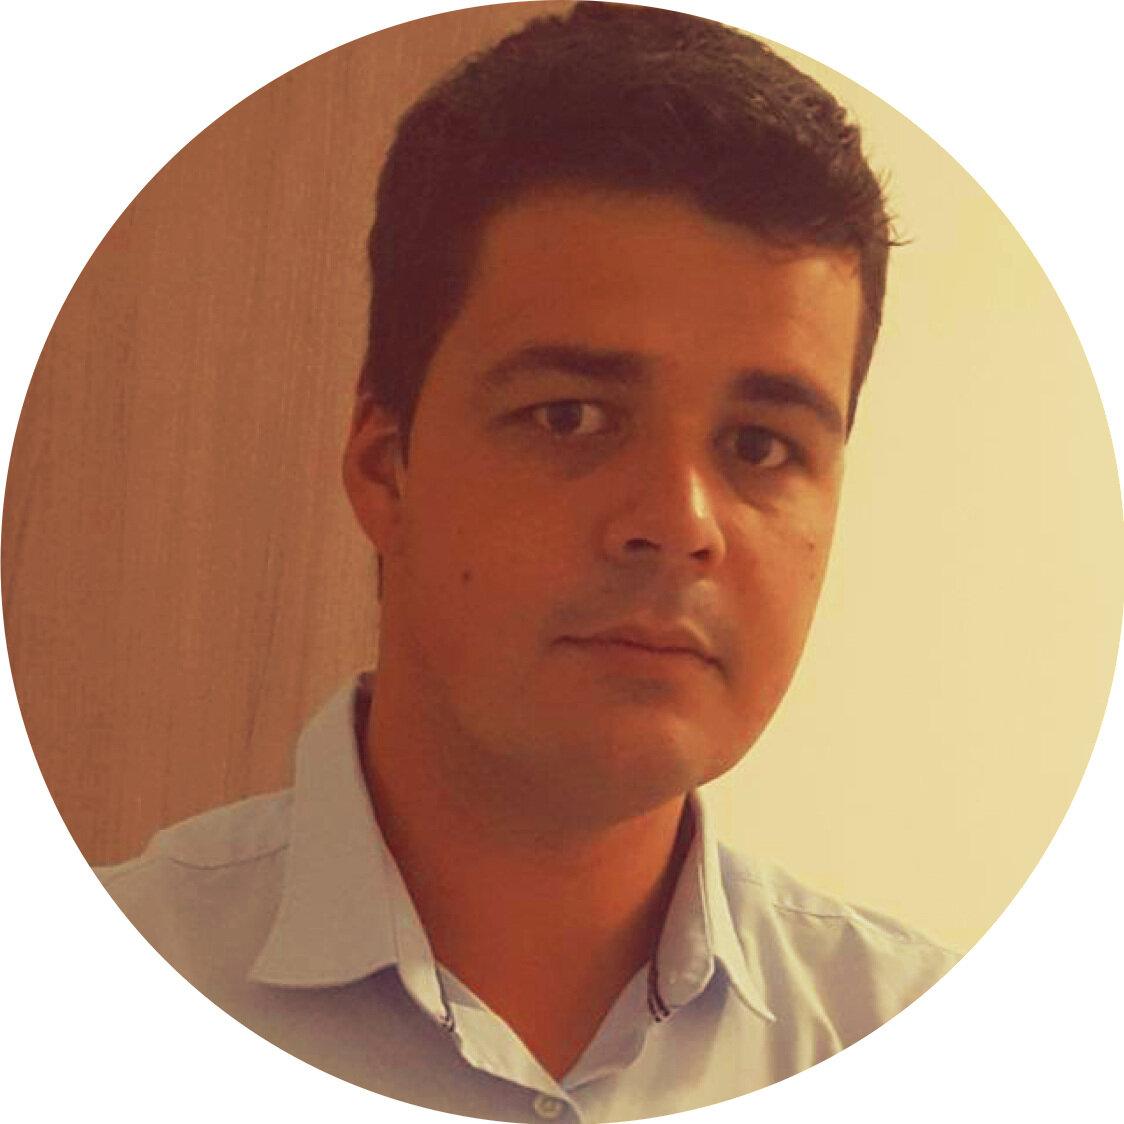 Felipe Zumkeller Garcia - Especialista na filosofia lean e no modelo Agro+Lean com grande experiência da gestão de fazendas de corte. Atua desde 2017 em projetos estratégicos em diversas áreas como leite, suínos e corte.